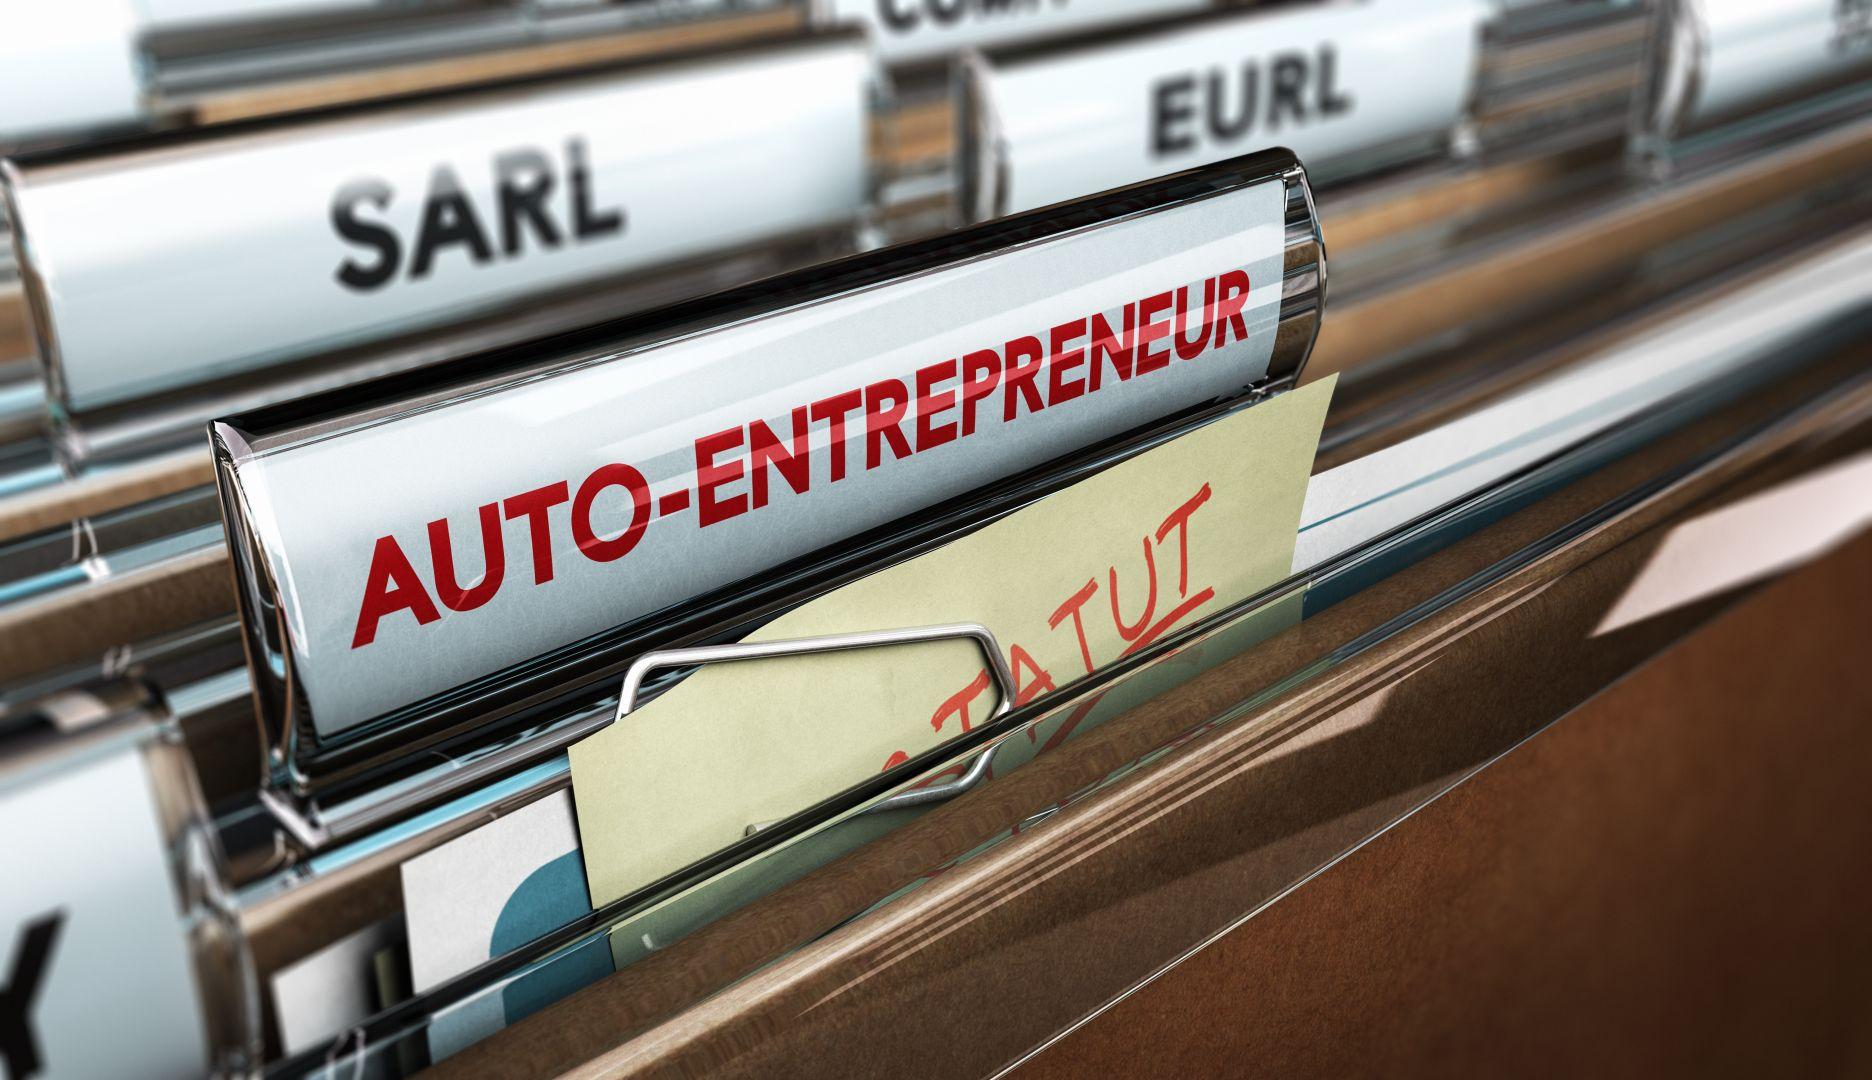 Etre rédacteur auto entrepreneur est-il intéressant ?